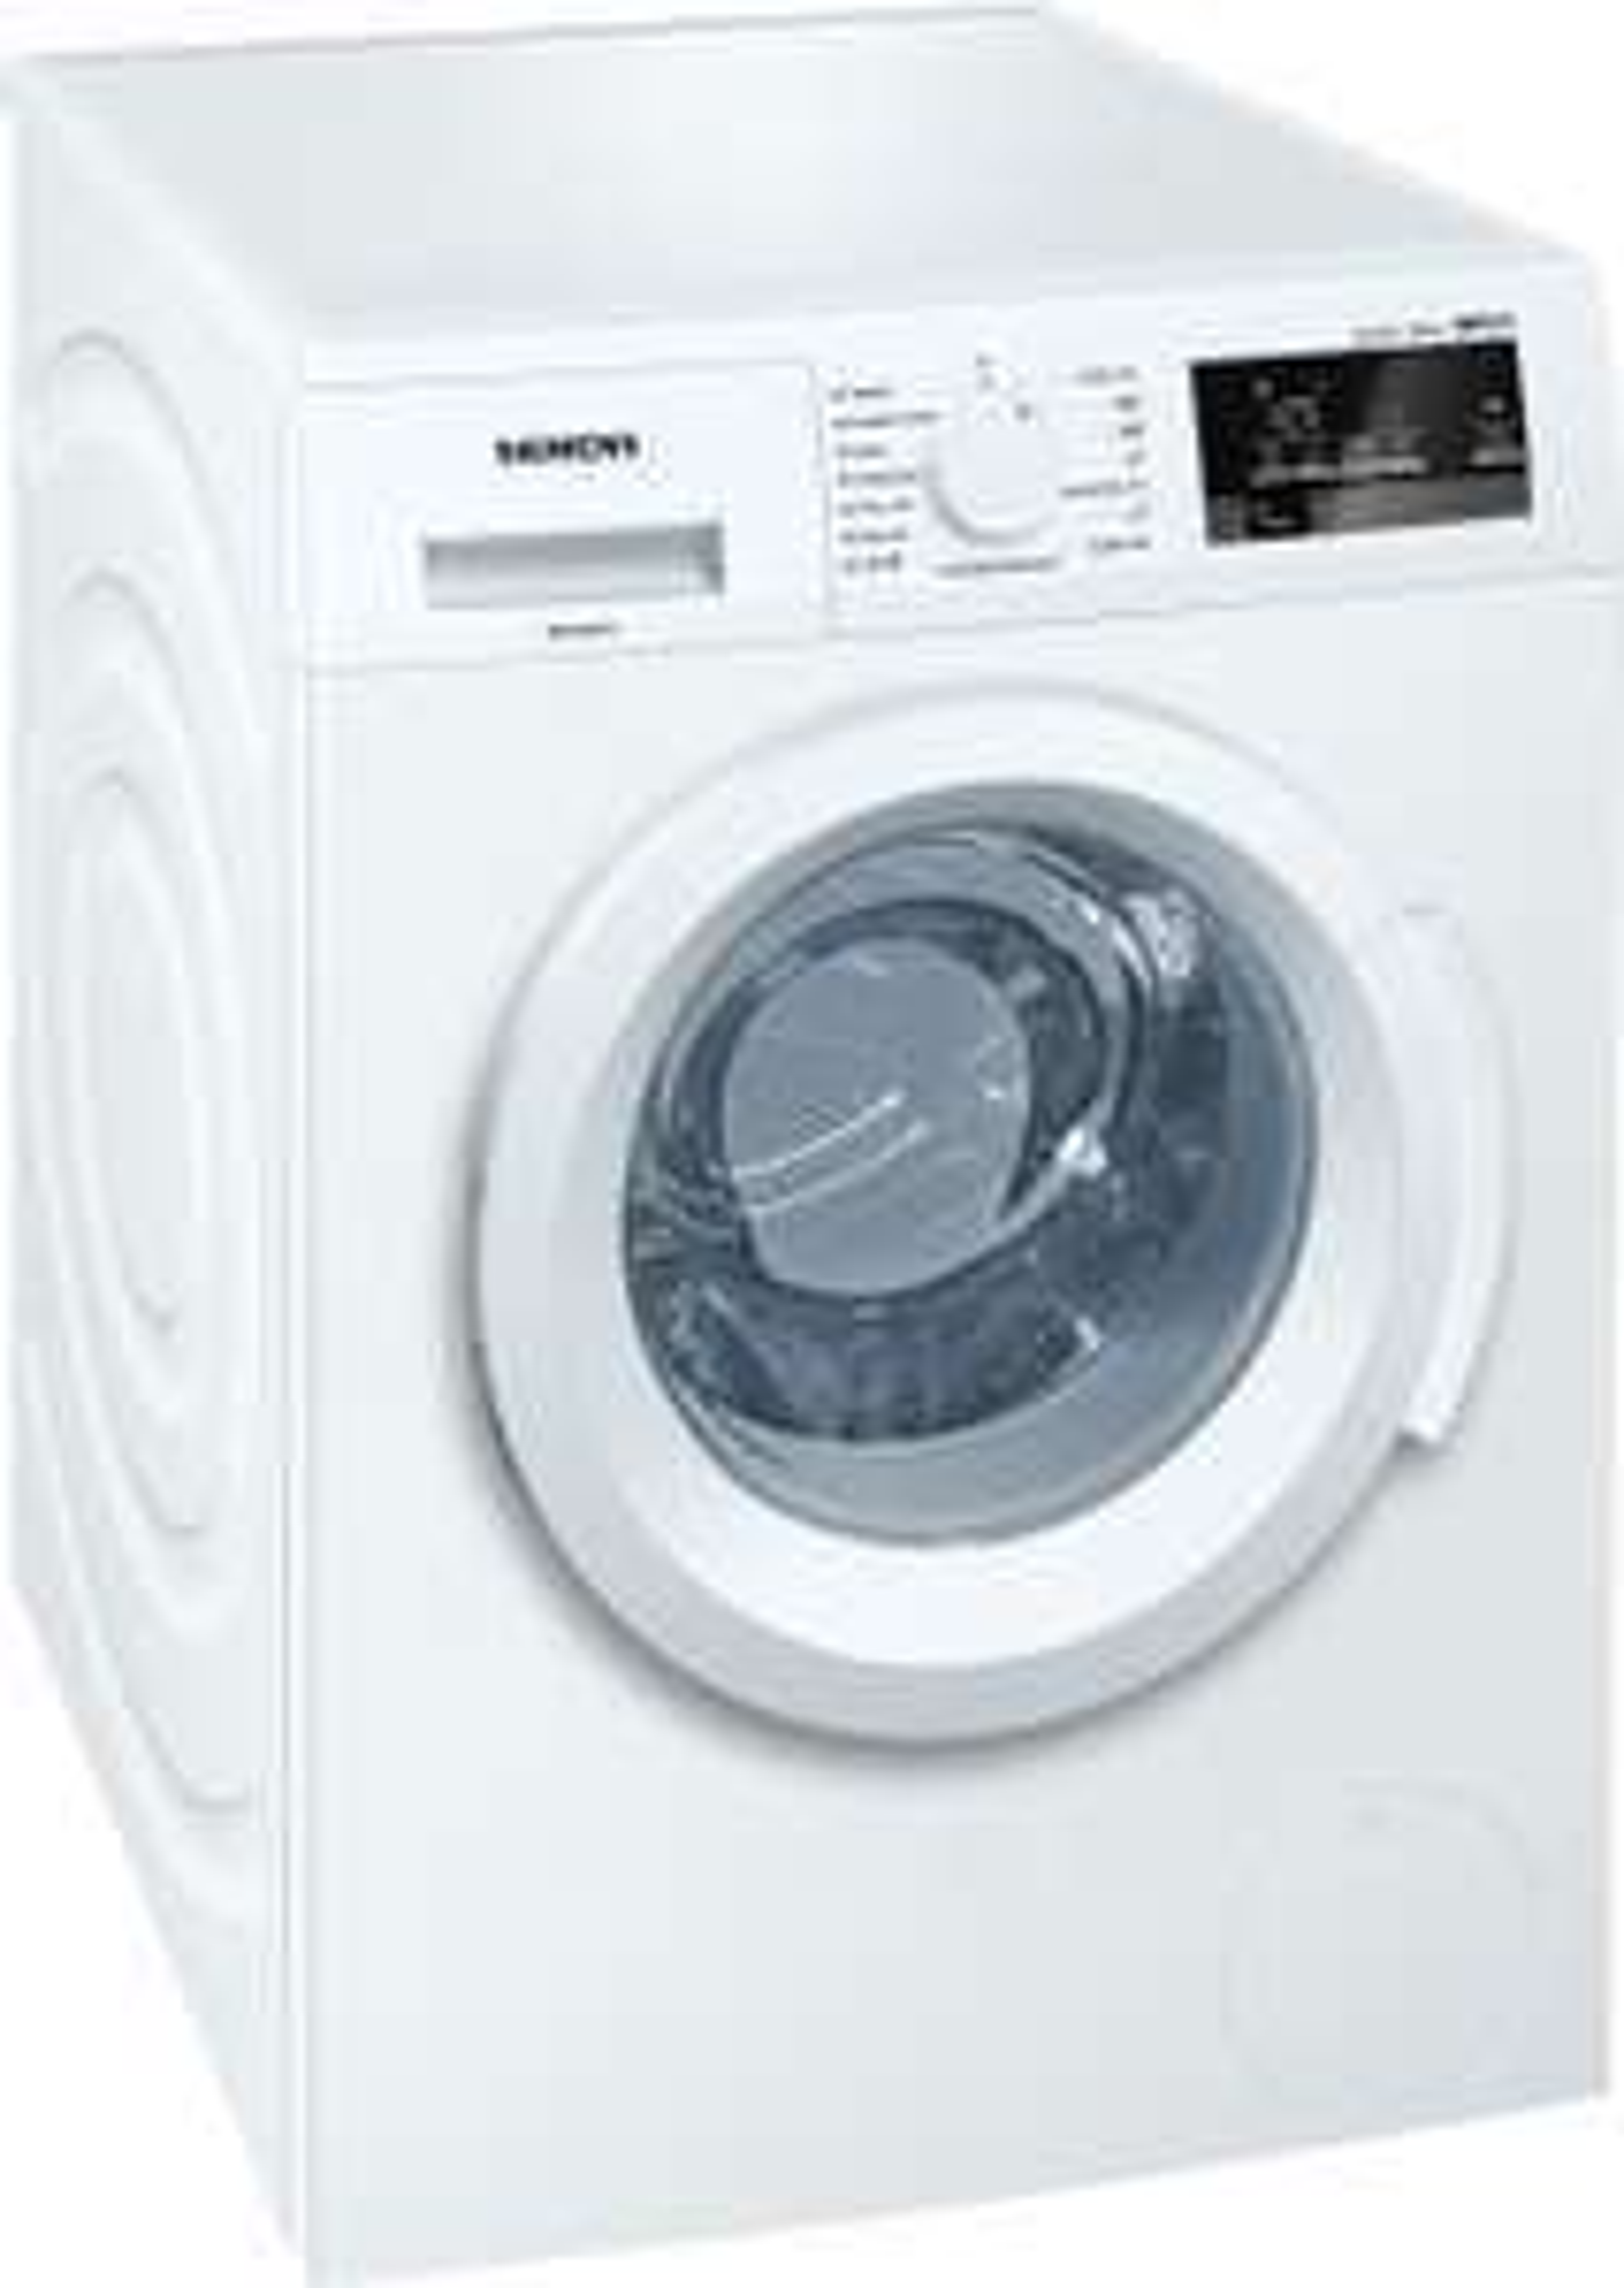 Siemens WMN16T3471 wasmachine (Dagdeal) @Bol.com